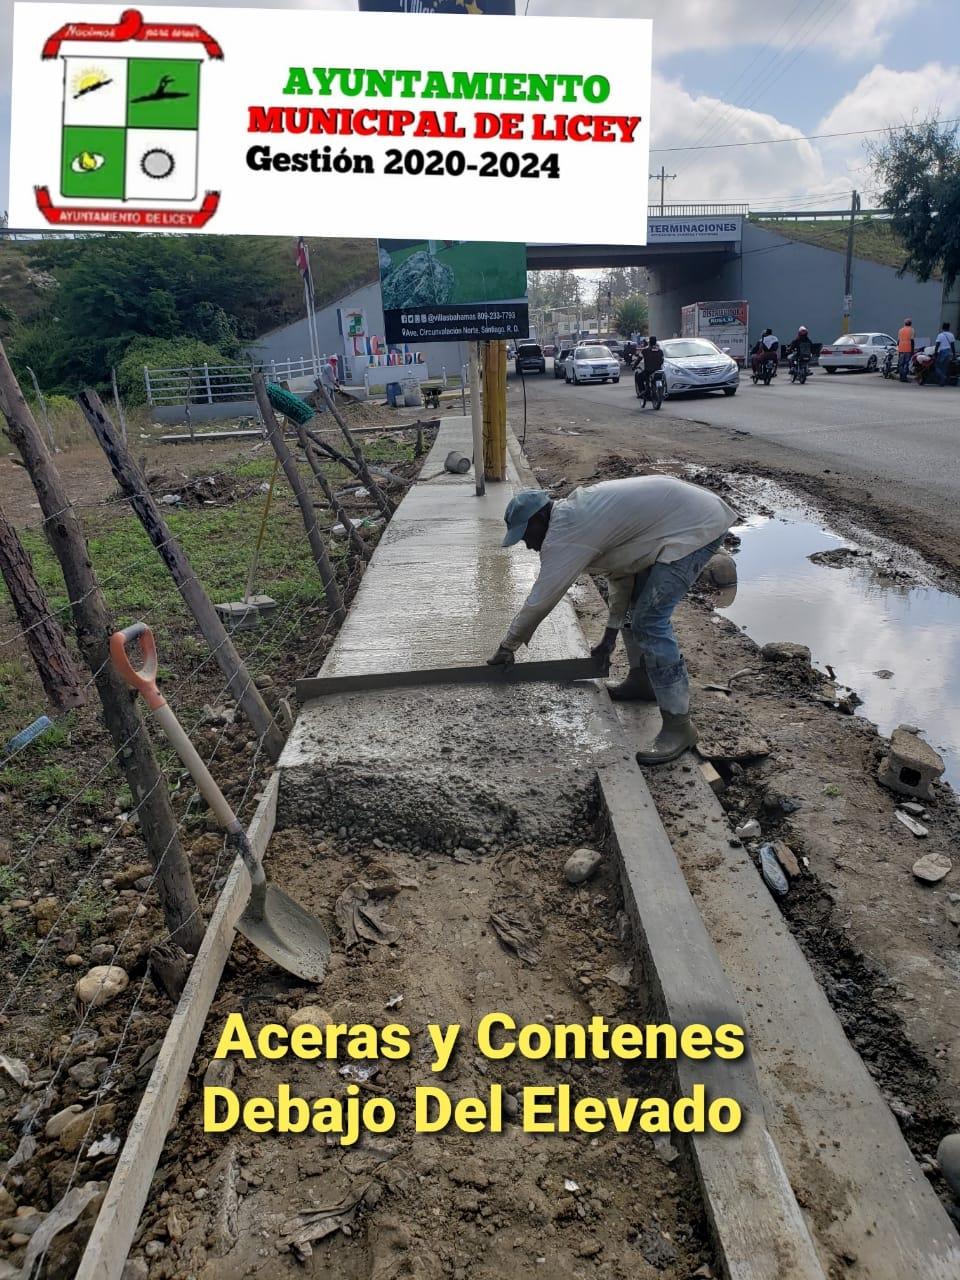 Ayuntamiento Continúa la Fiscalizaciónde los trabajos de adecuación y remoción en la entrada del municipio por el elevado de la Circunvalación Norte.